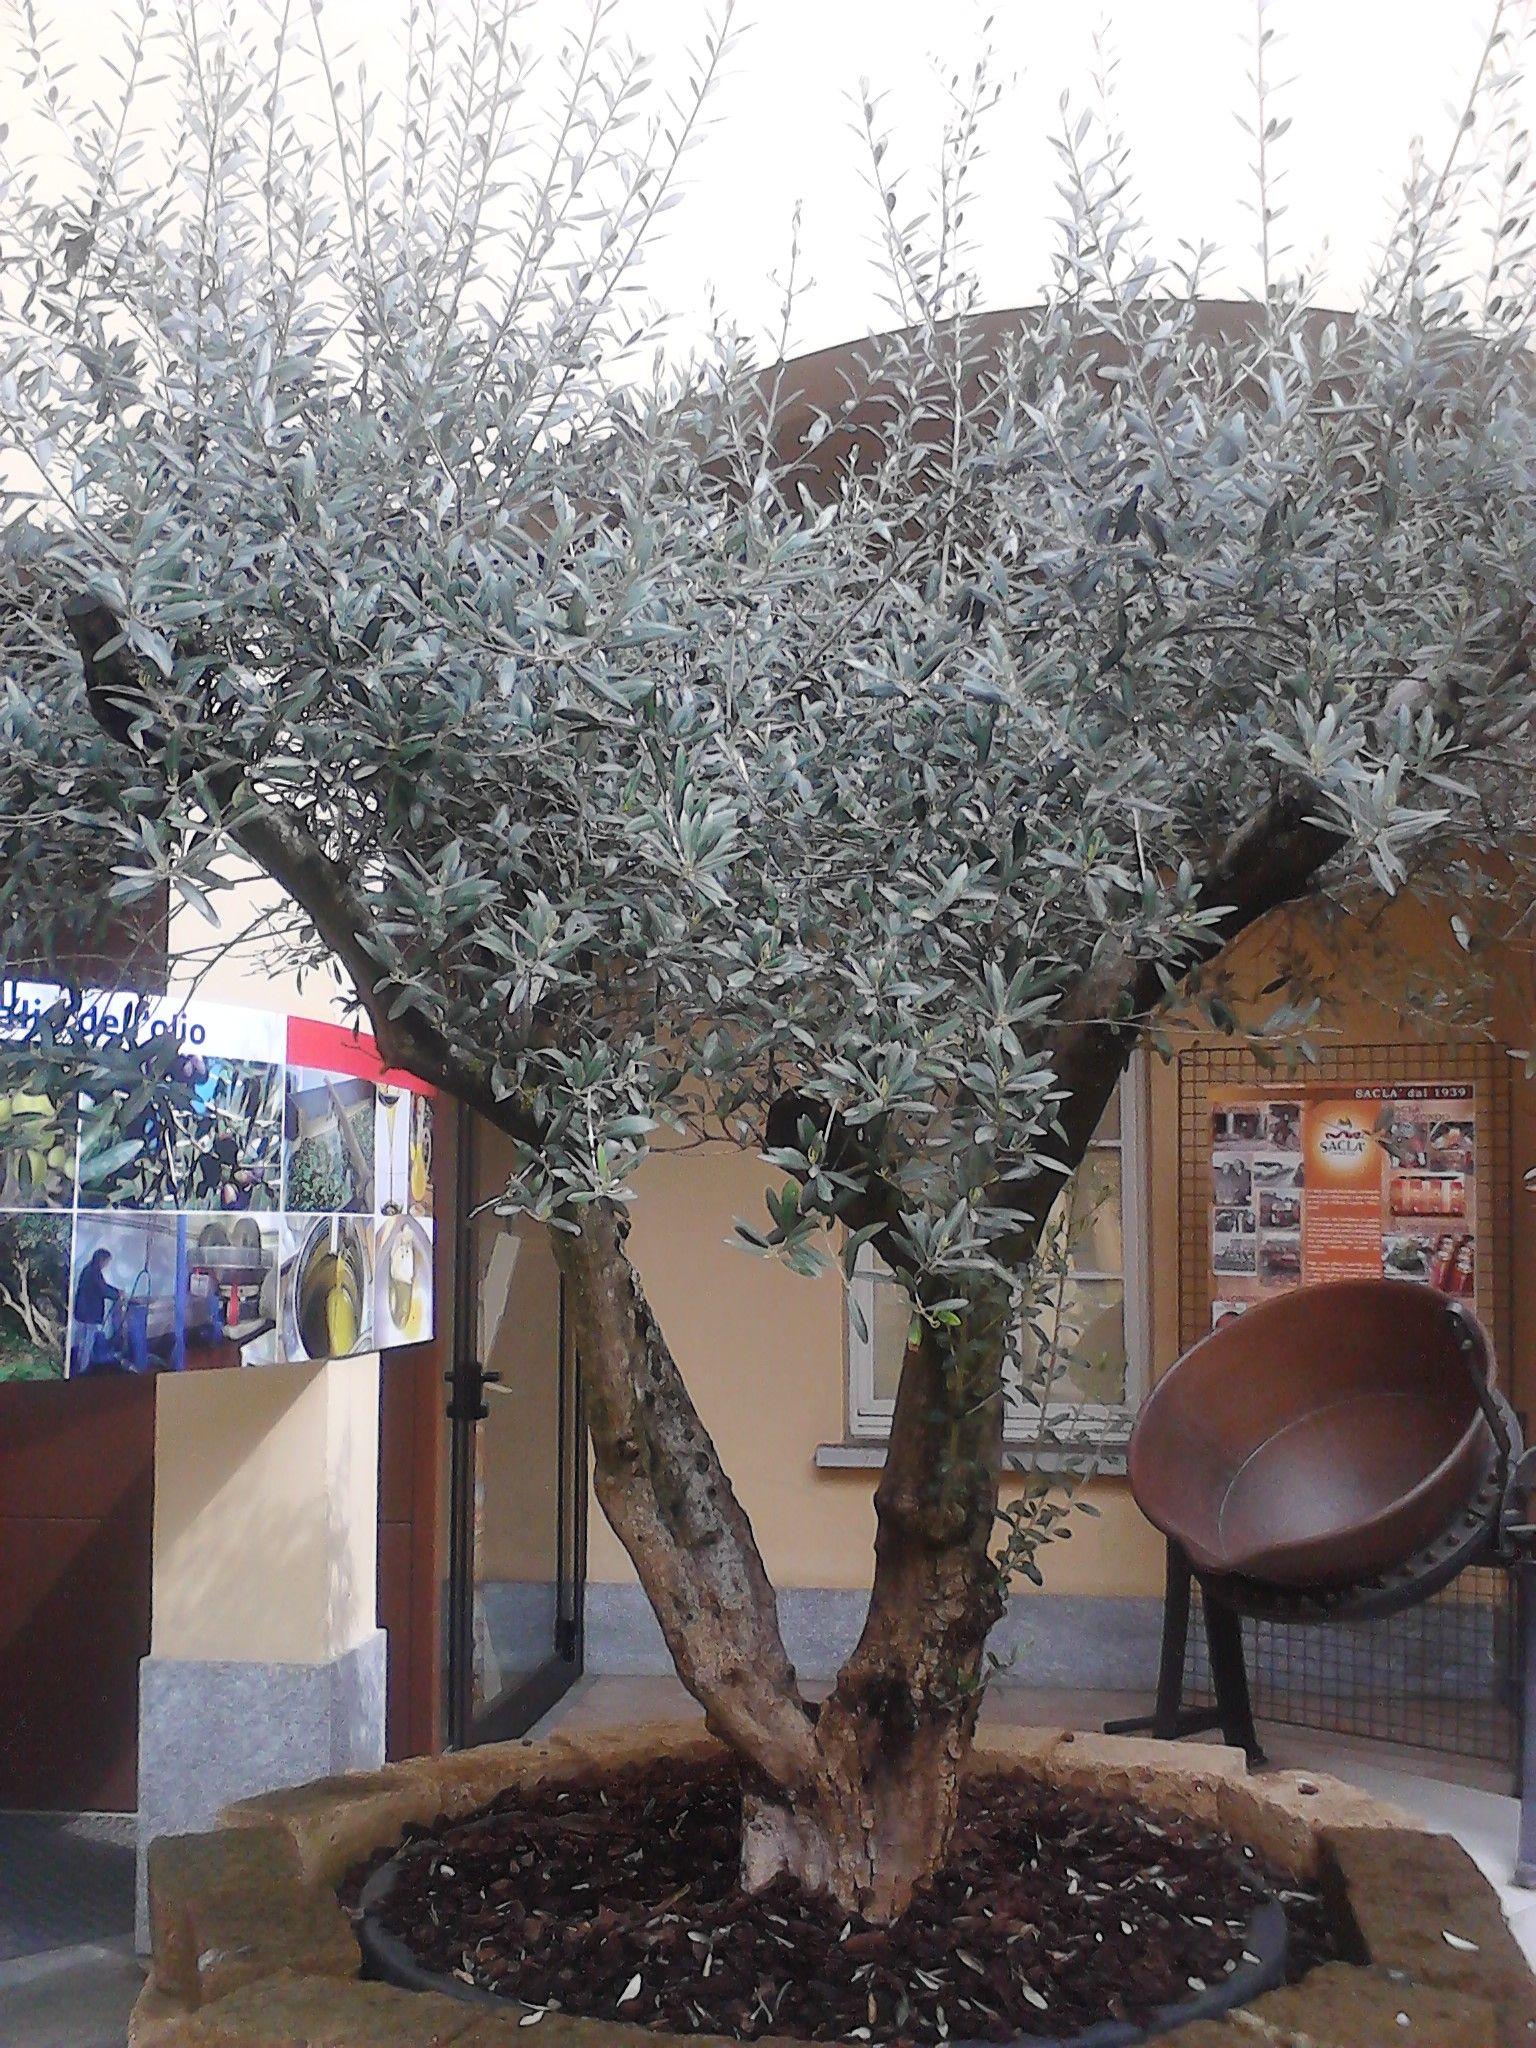 L'ulivo è più che mai simbolo della cultura e dell'alimentazione mediterranea. Può stupire pensare che l'ulivo era coltivato anche in Piemonte e in particolare proprio nelle zone limitrofe a Frossasco, dove è tornato ad essere presente. #invasionidigitali #museodelgusto